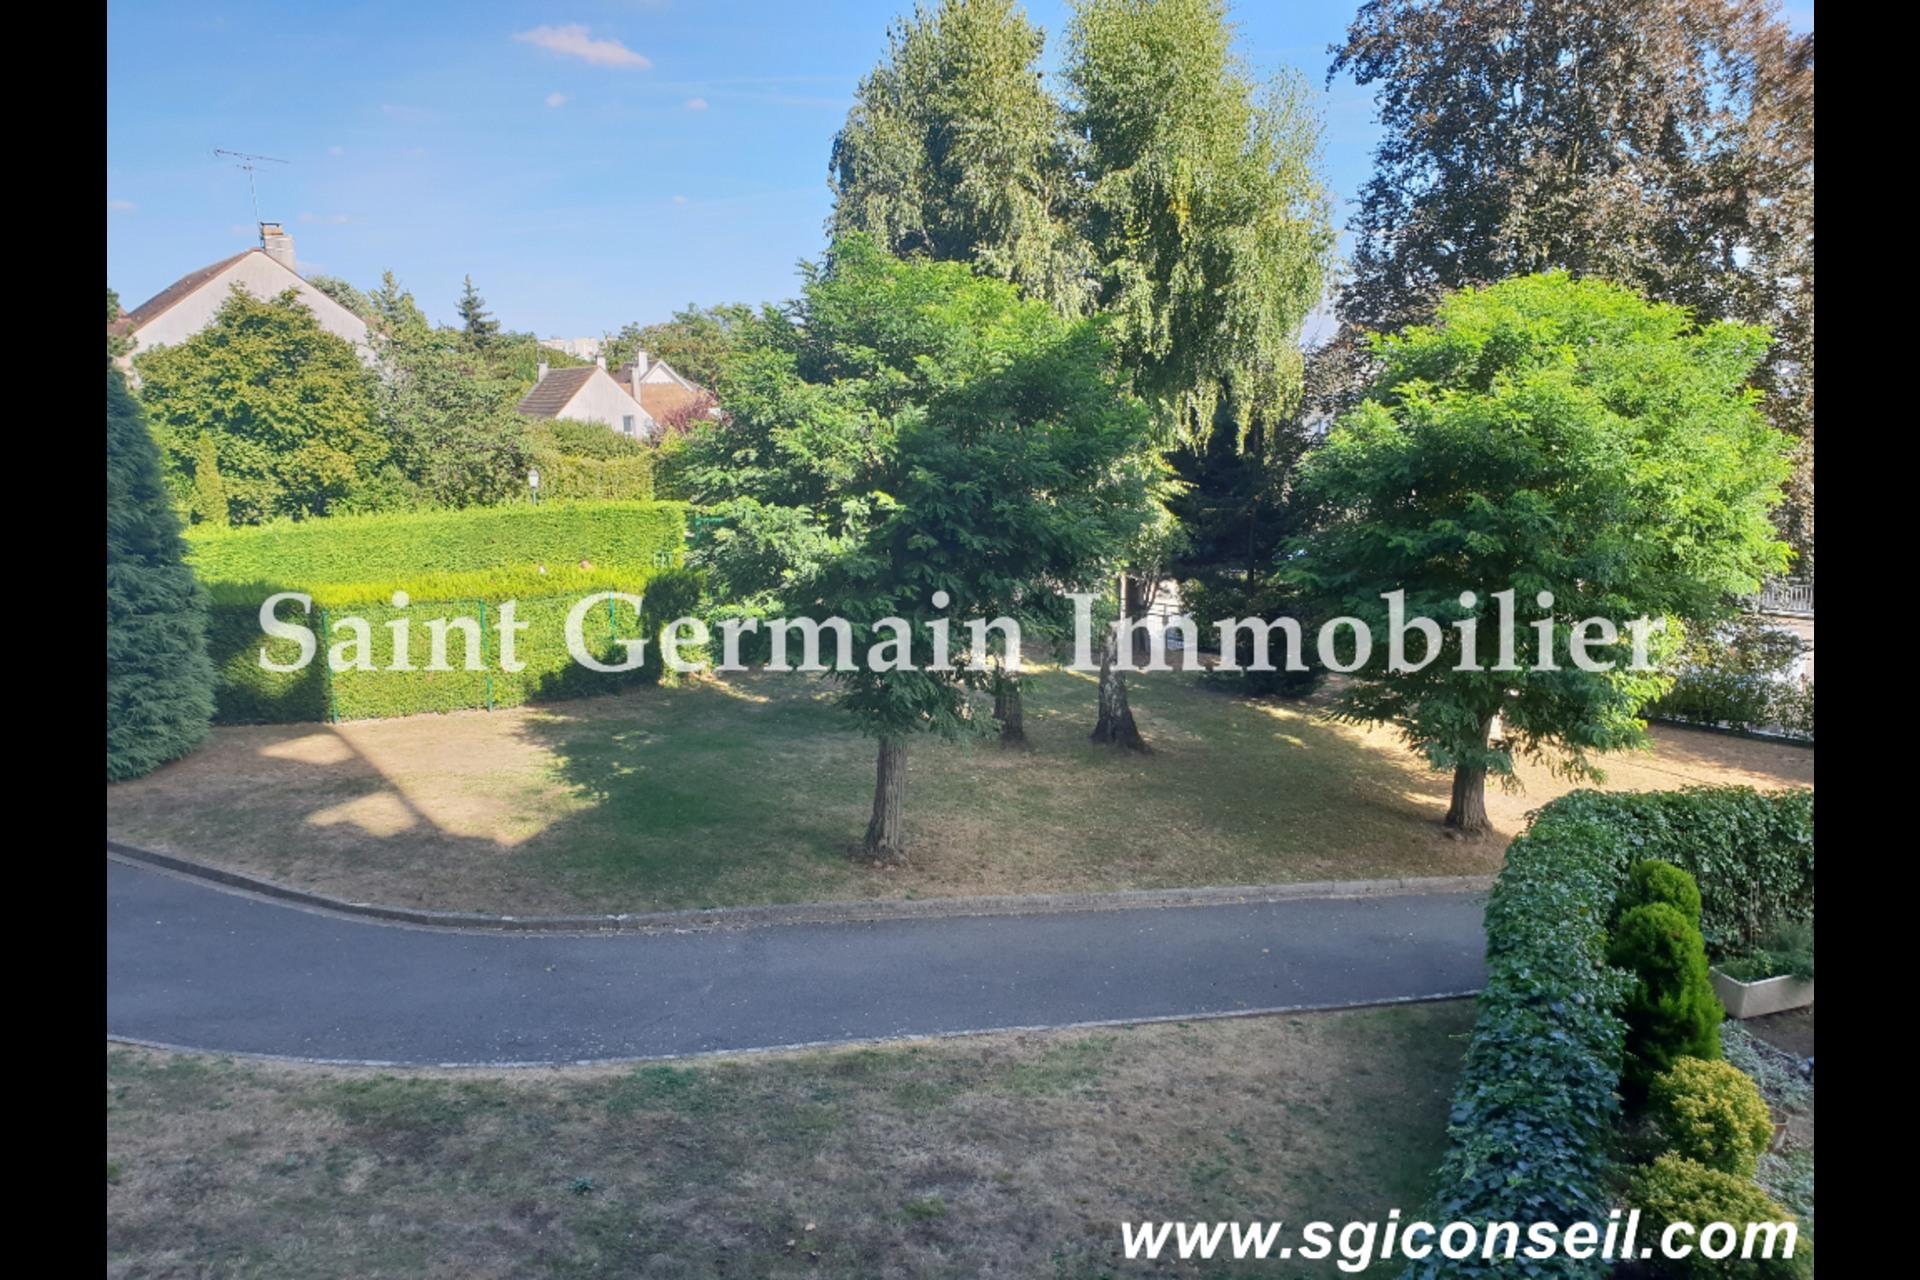 image 5 - Apartment For rent saint germain en laye - 1 room